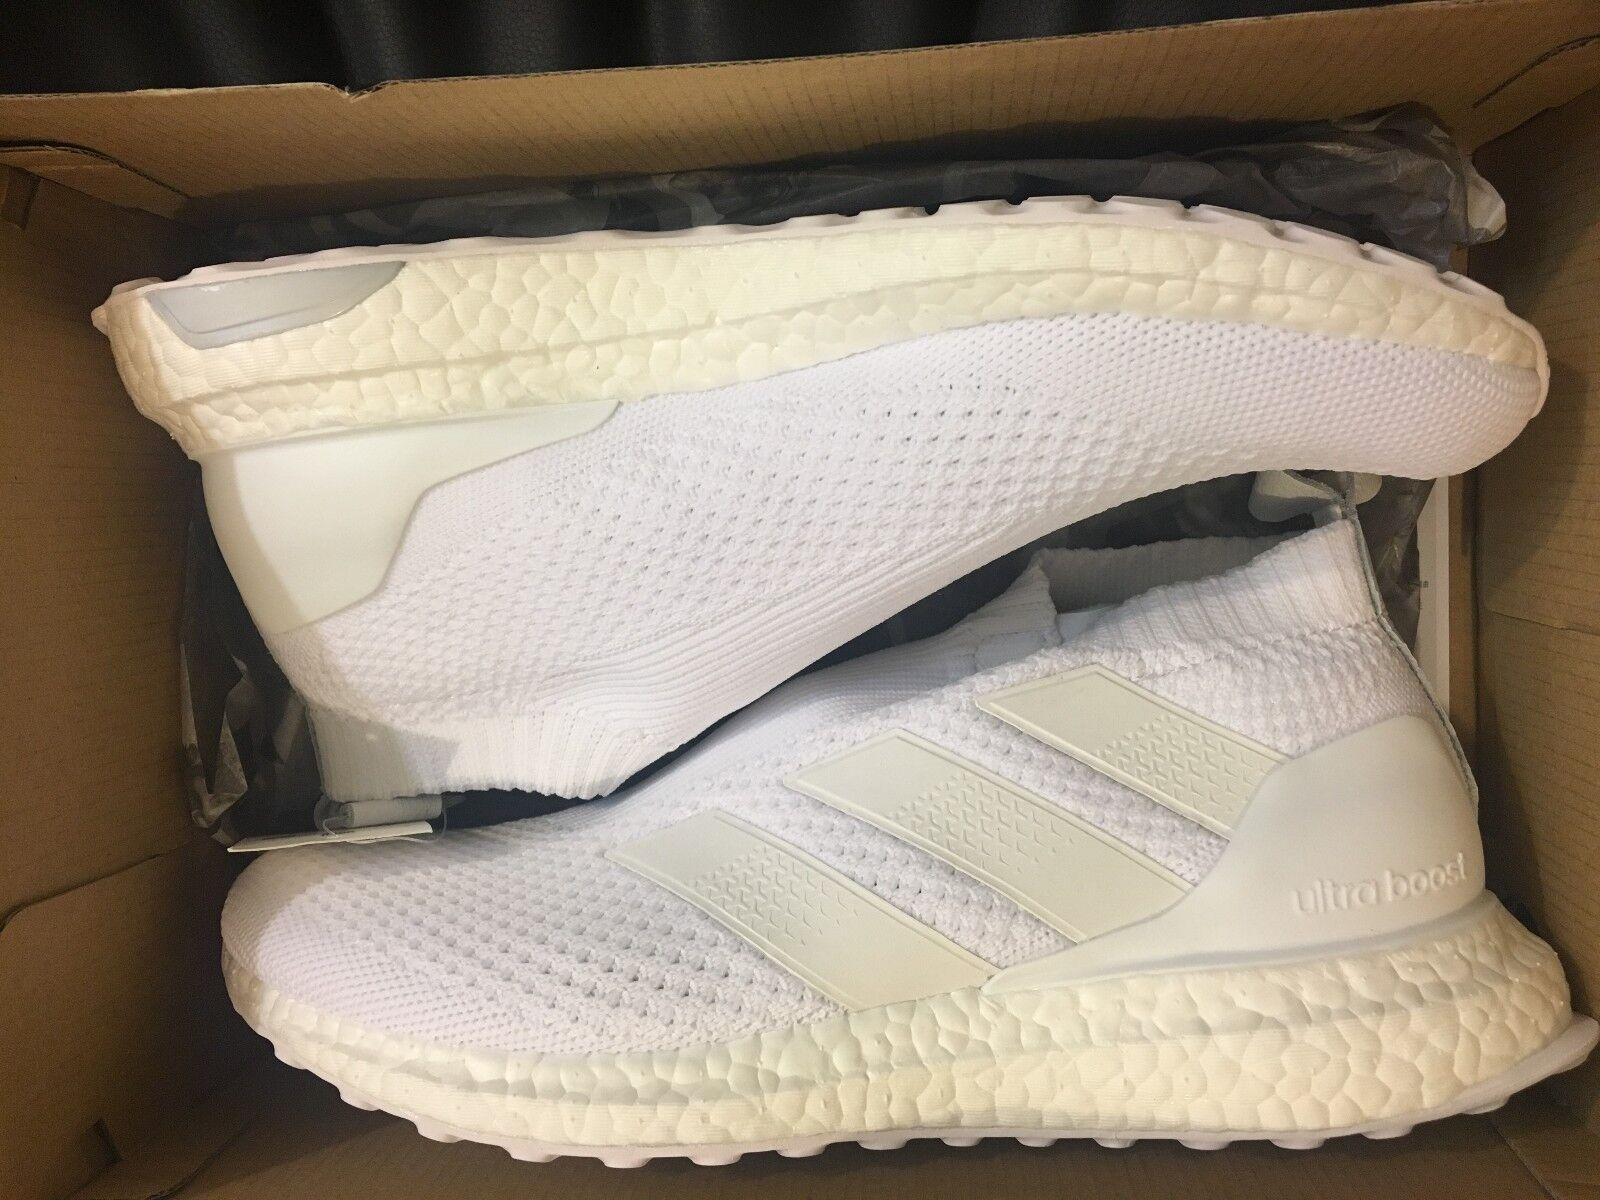 Neue adidas - - - schub ace 16 + ultraboost triple weißen schuh ac7750 männer größe 9. 34344e